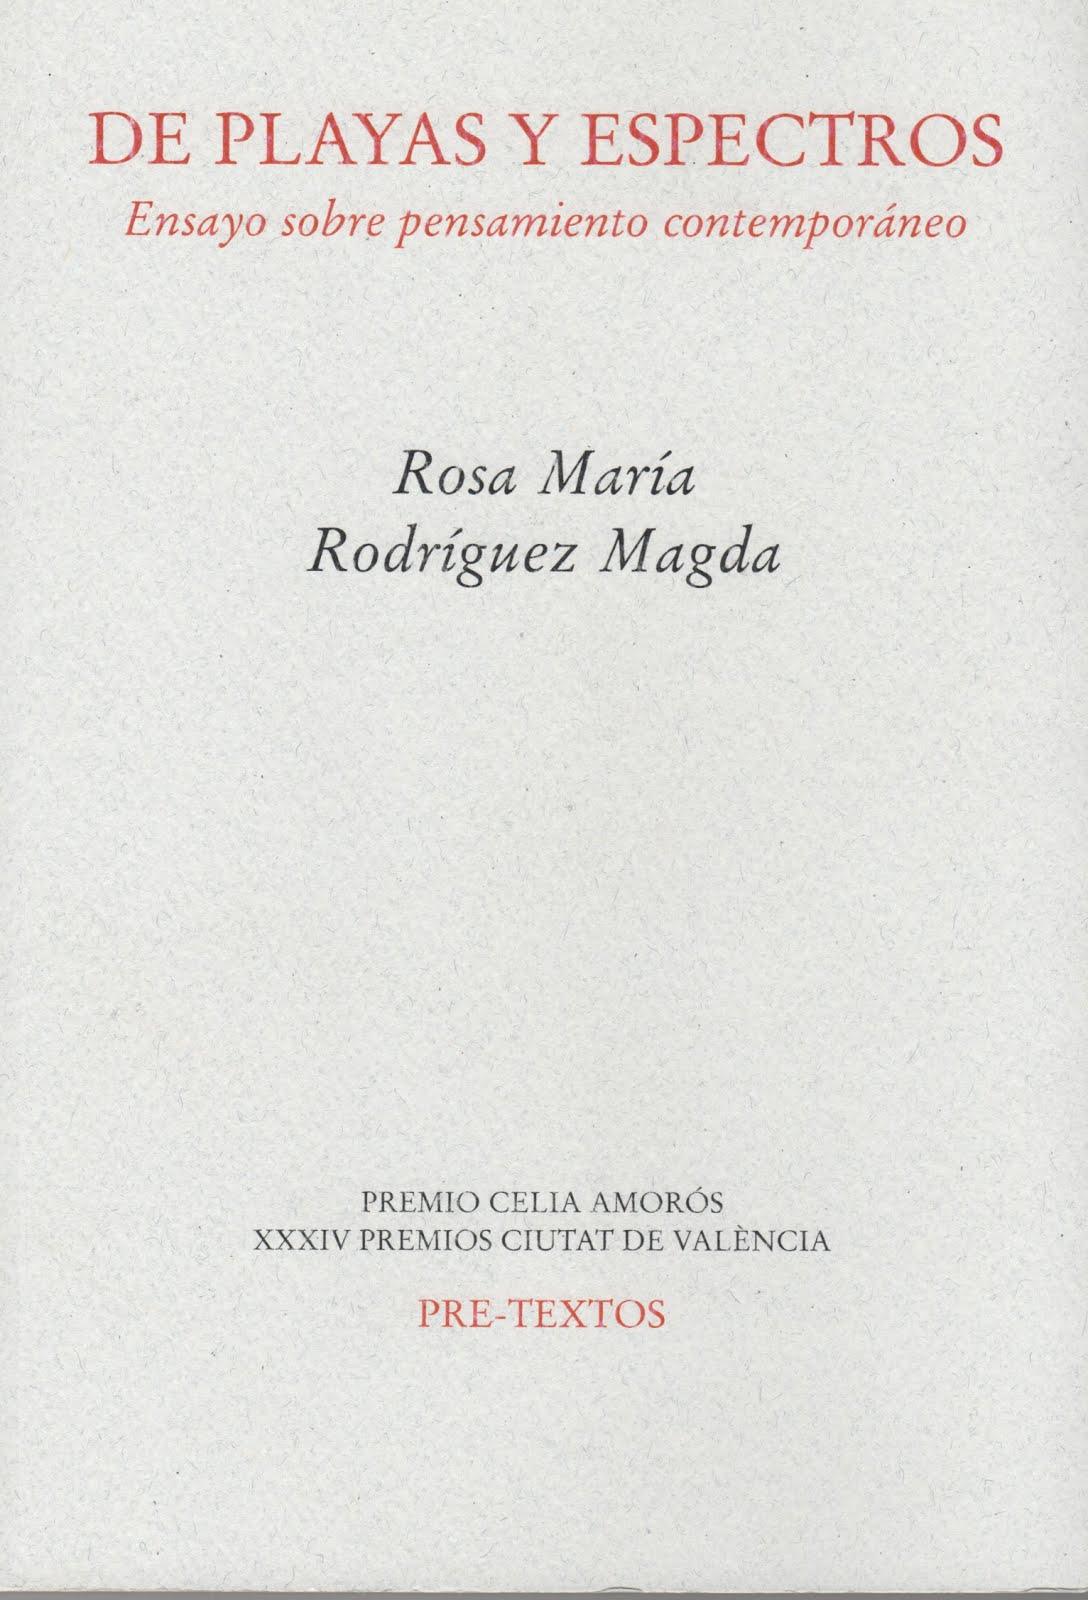 Rosa María Rodríguez Magda (De playas y espectros) Ensayo sobre pensamiento contemporáneo